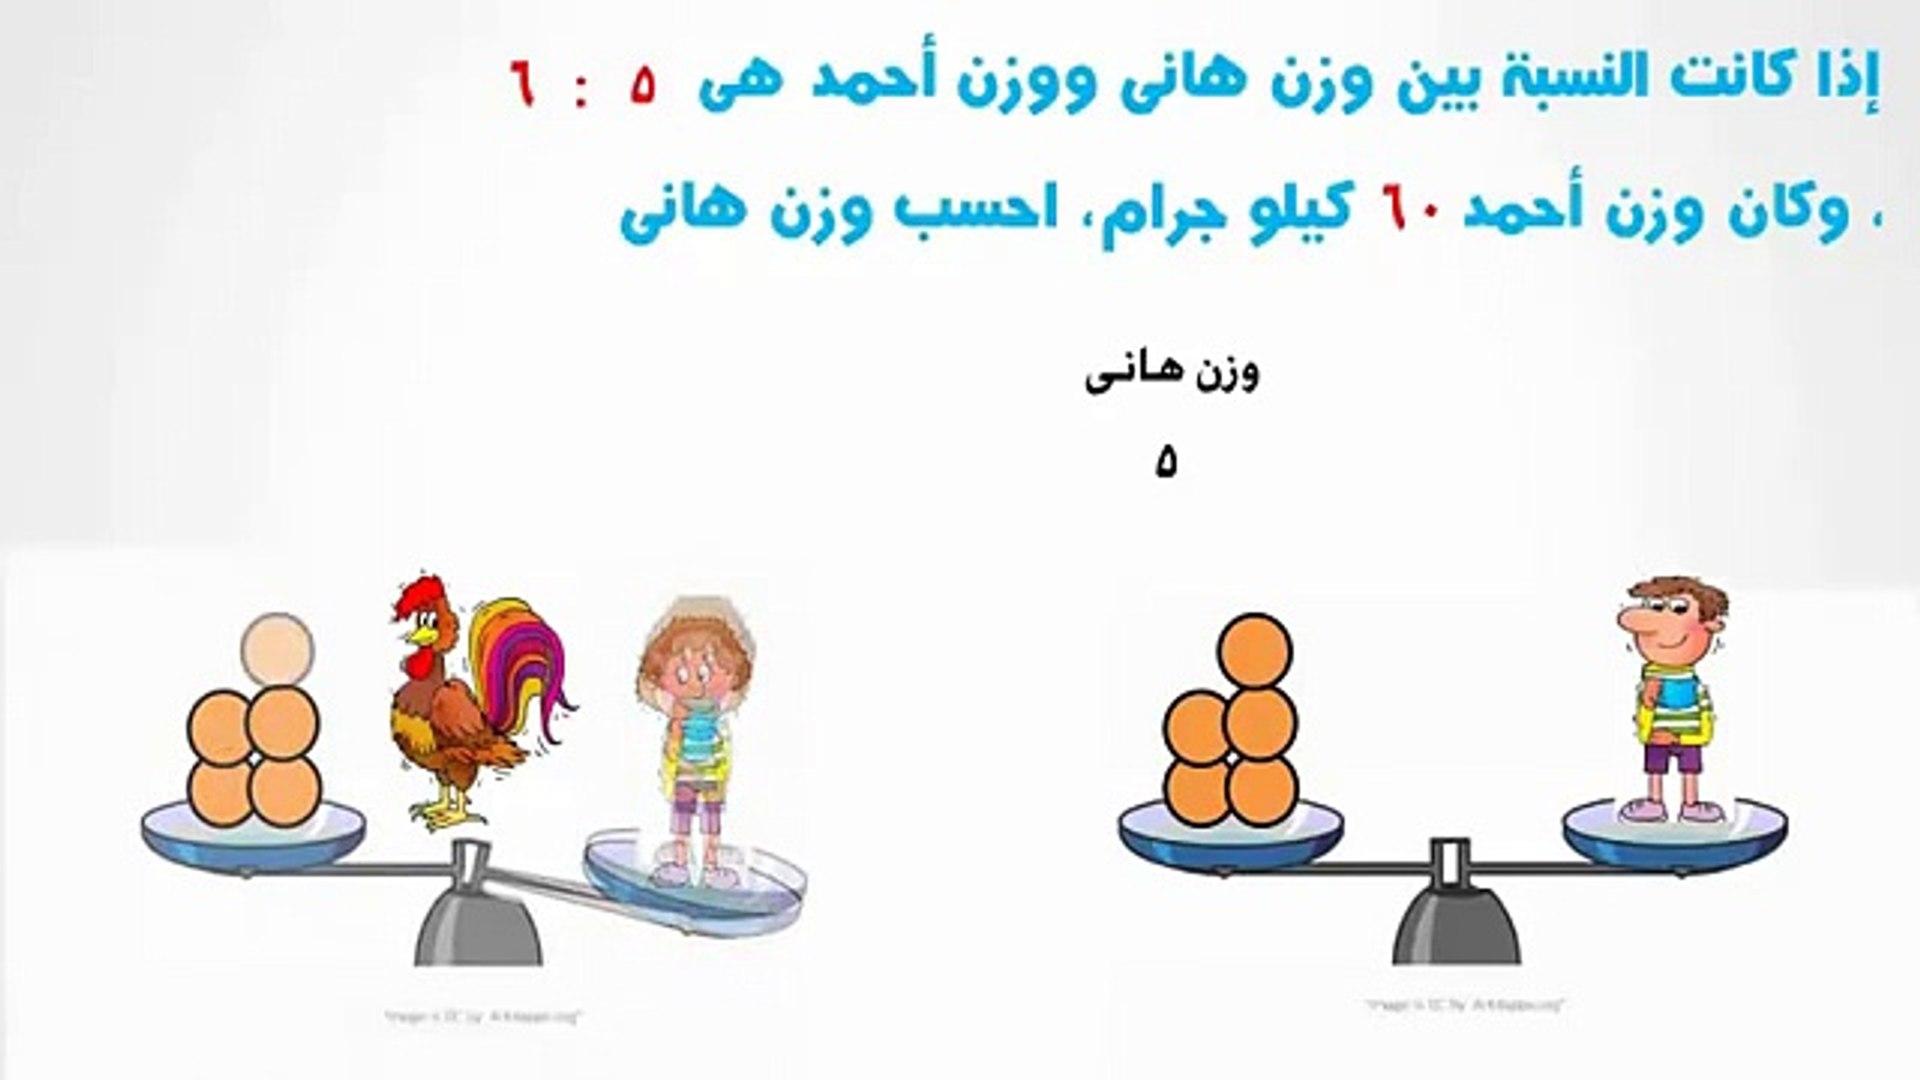 تدريبات متنوعة على النسبة وخواصها - رياضيات - للصف السادس الإبتدائي - ج1 - موقع نفهم - موقع نفهم